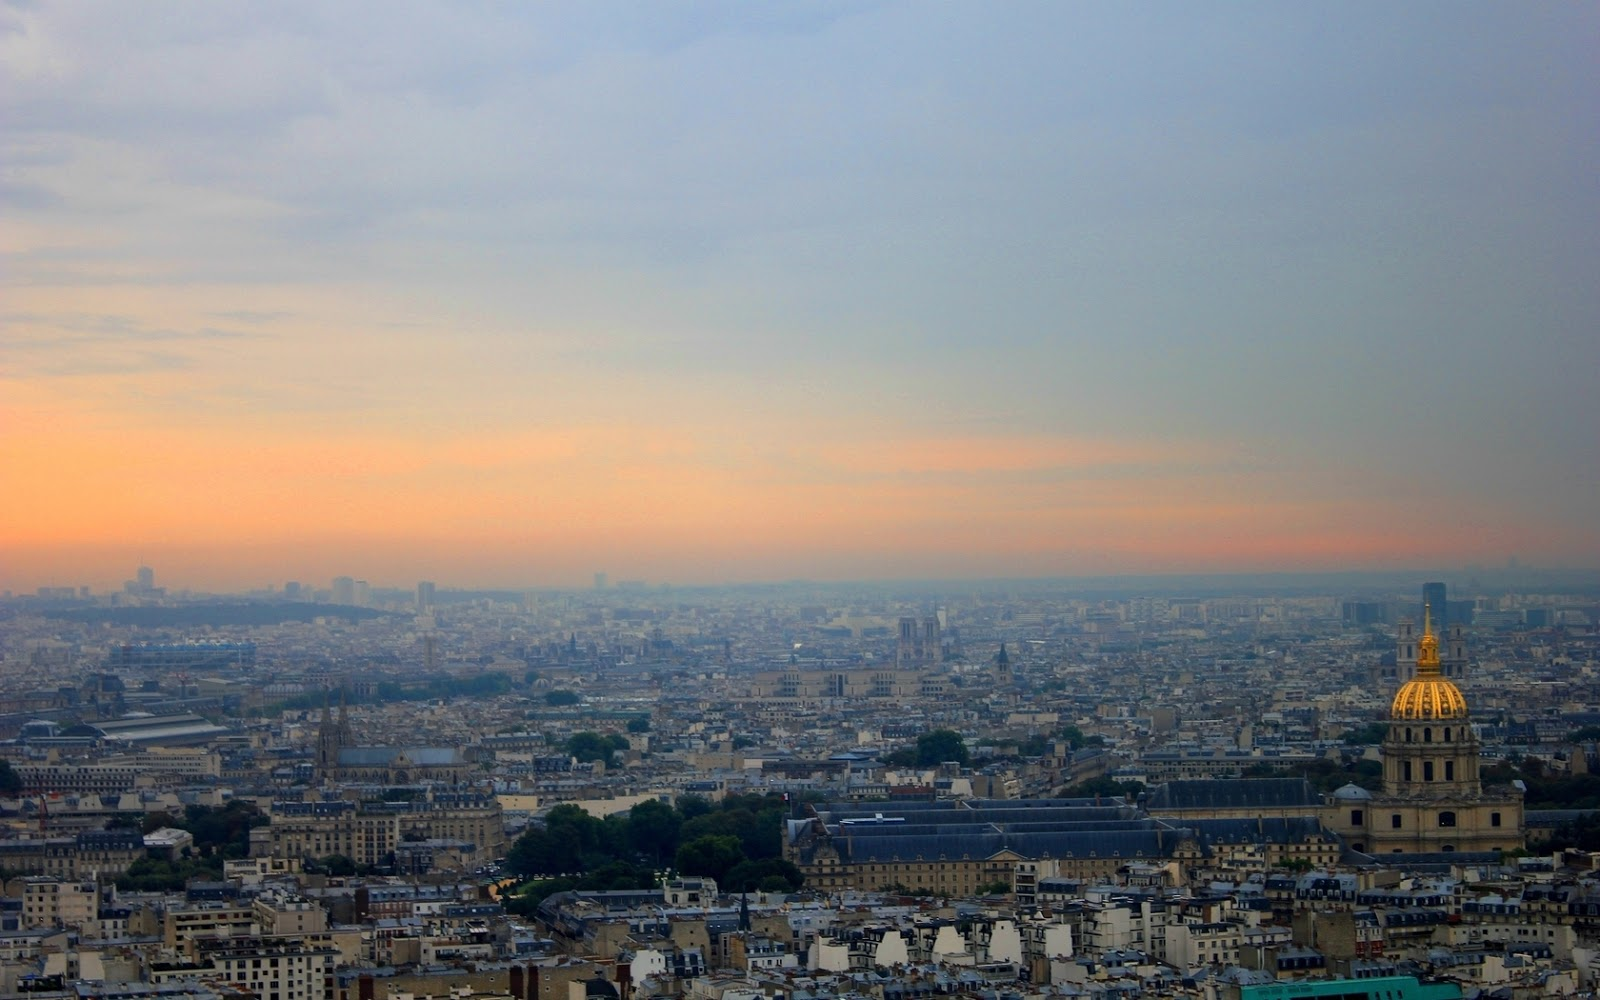 Wallpaper Of Love Quotes For Facebook Paris Paris Landscape